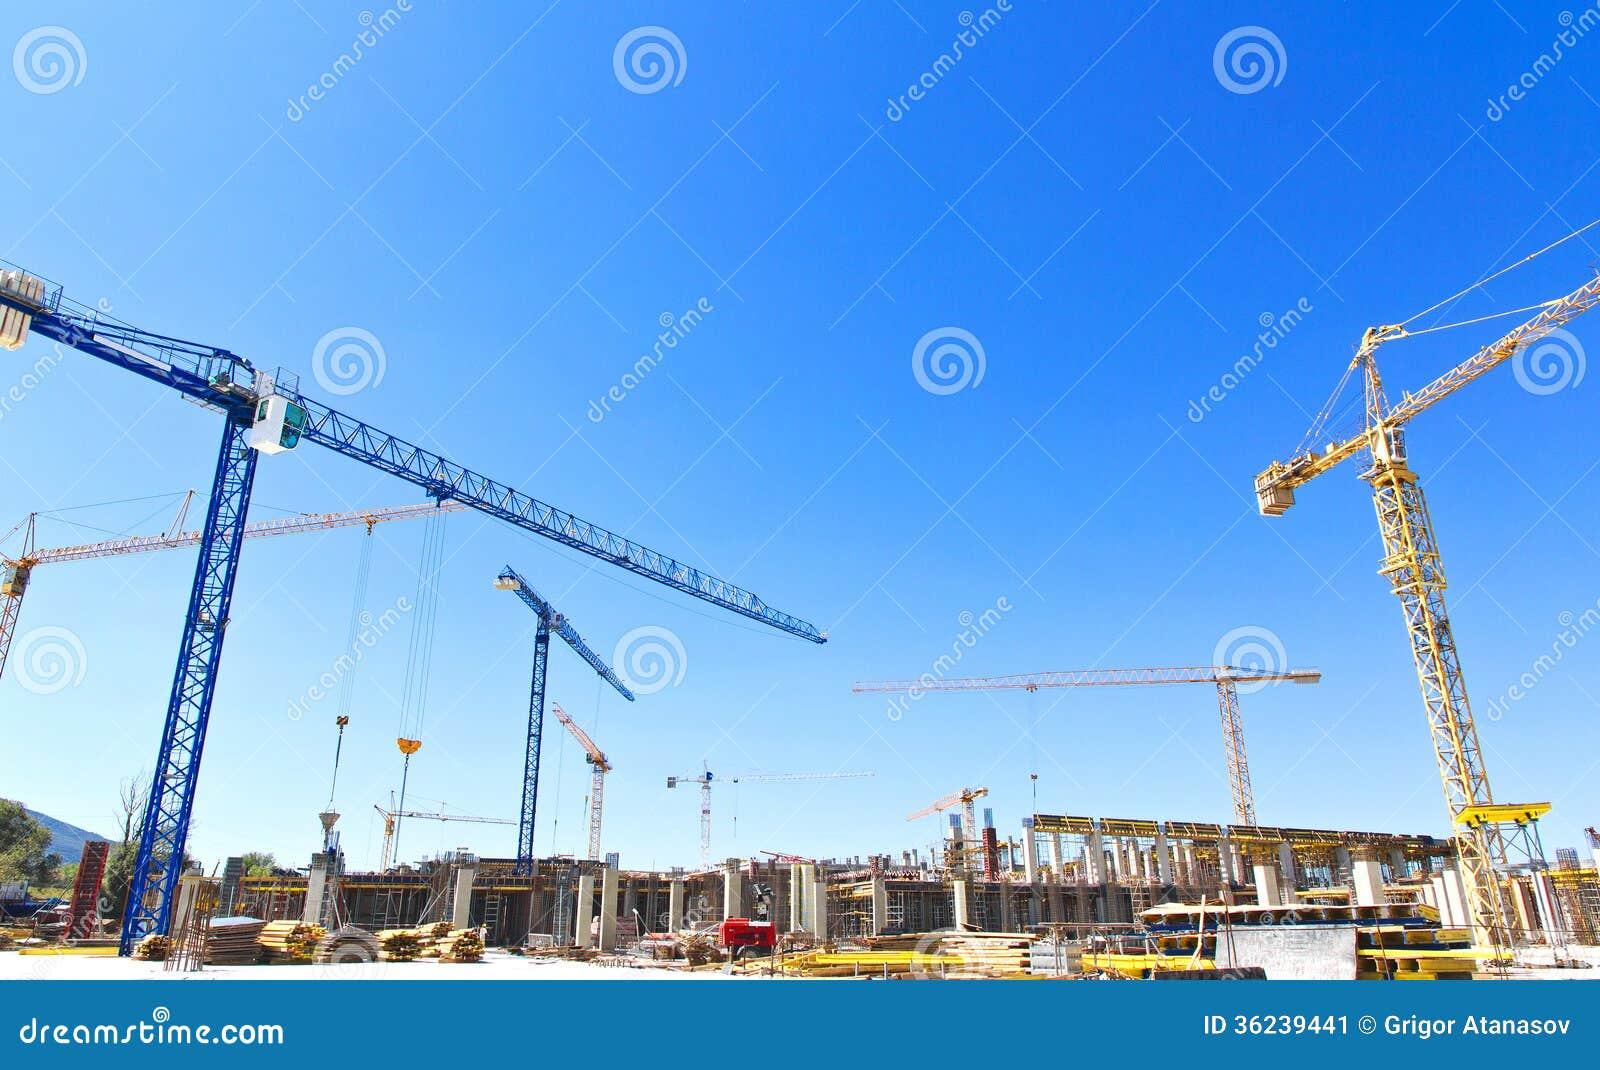 Construction cranes on a building site